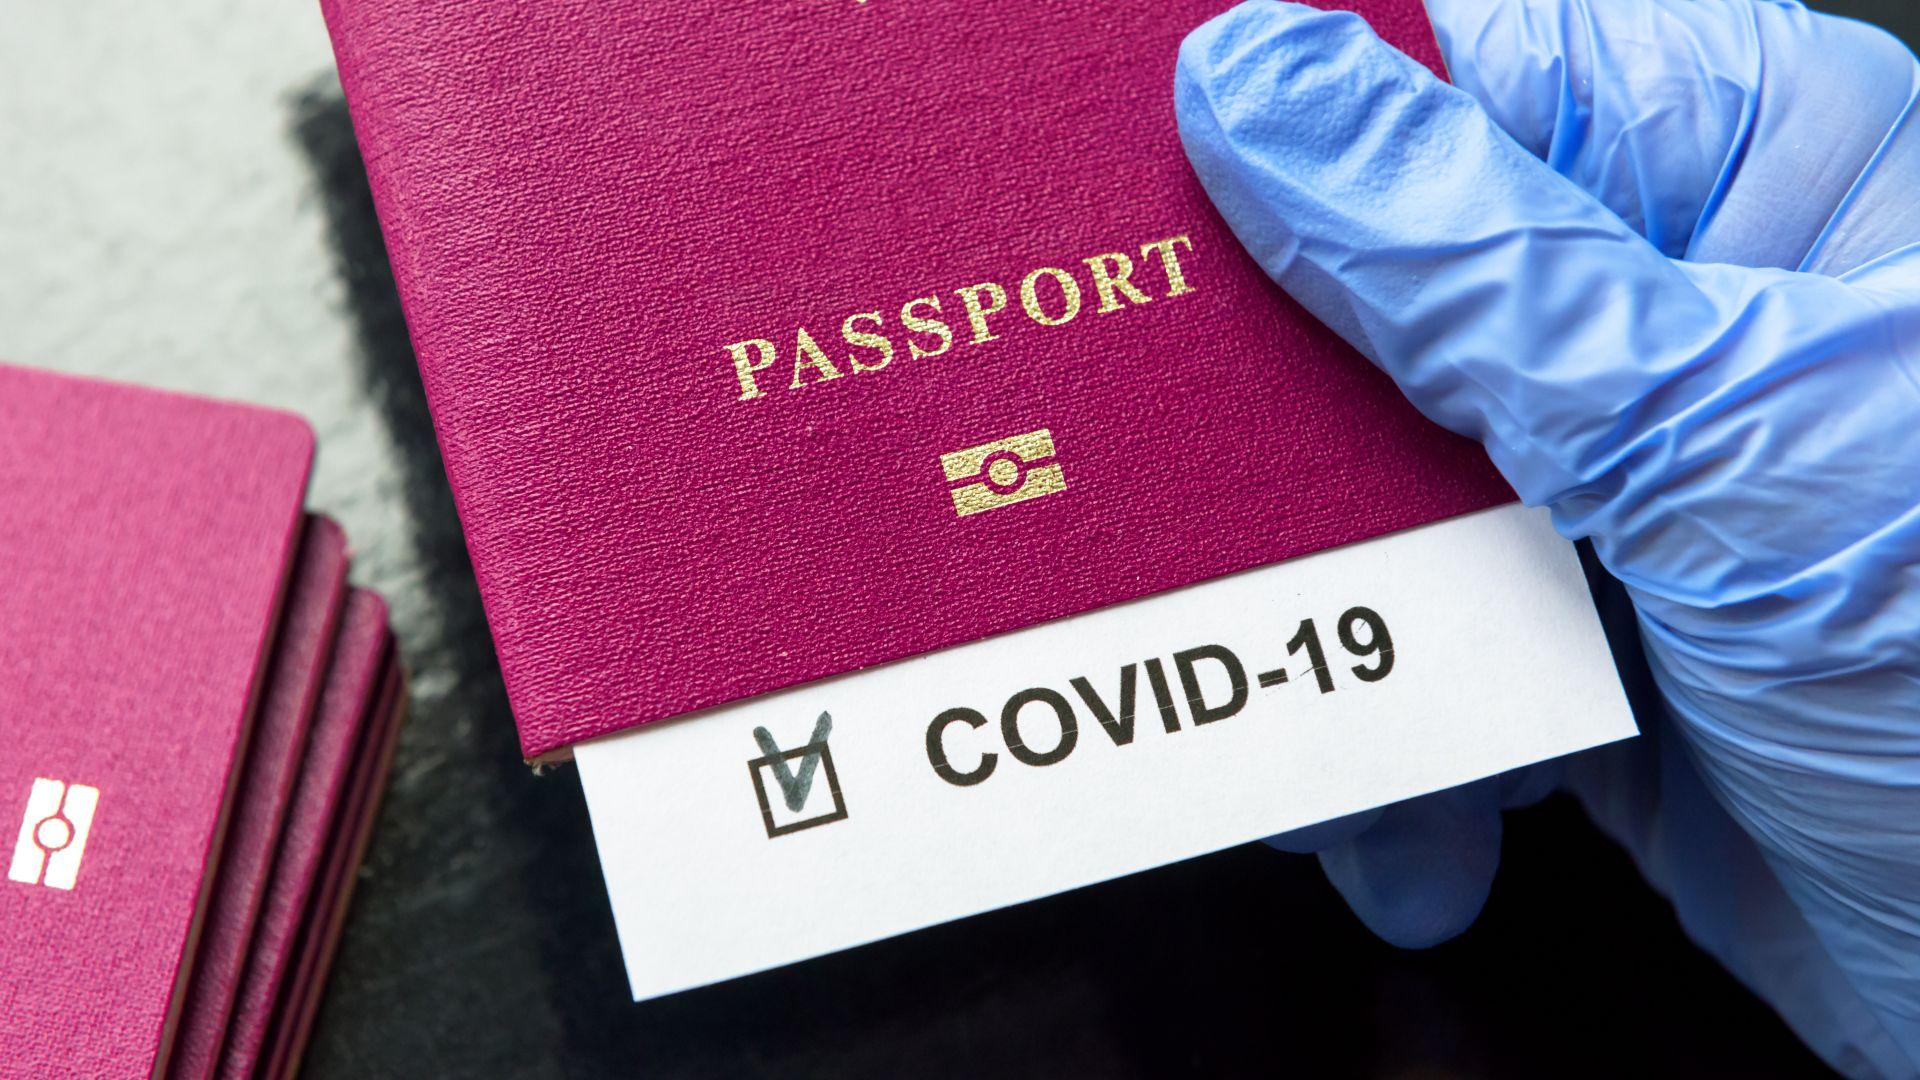 ЕС определи срок на валидност от 1 г. за ваксинационния паспорт